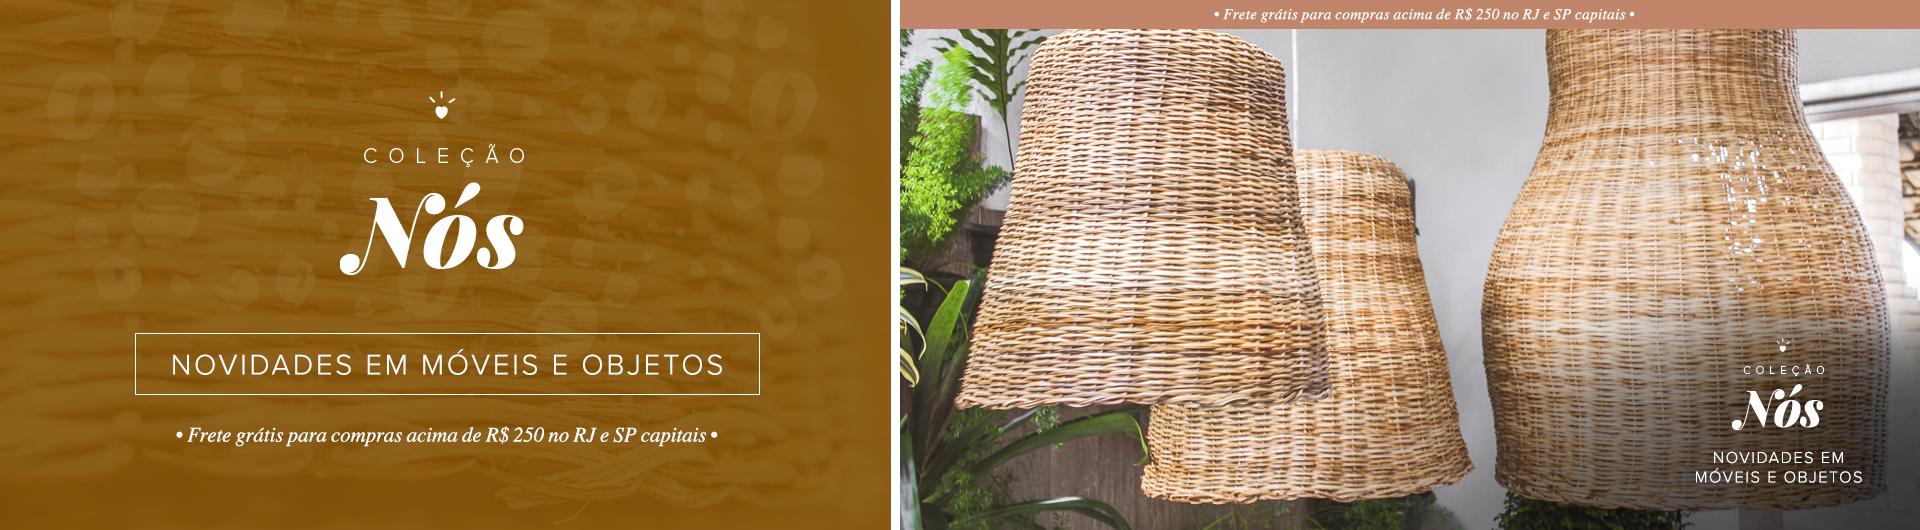 Coleção Nós O Galpão - Novidades em Móveis e Objetos